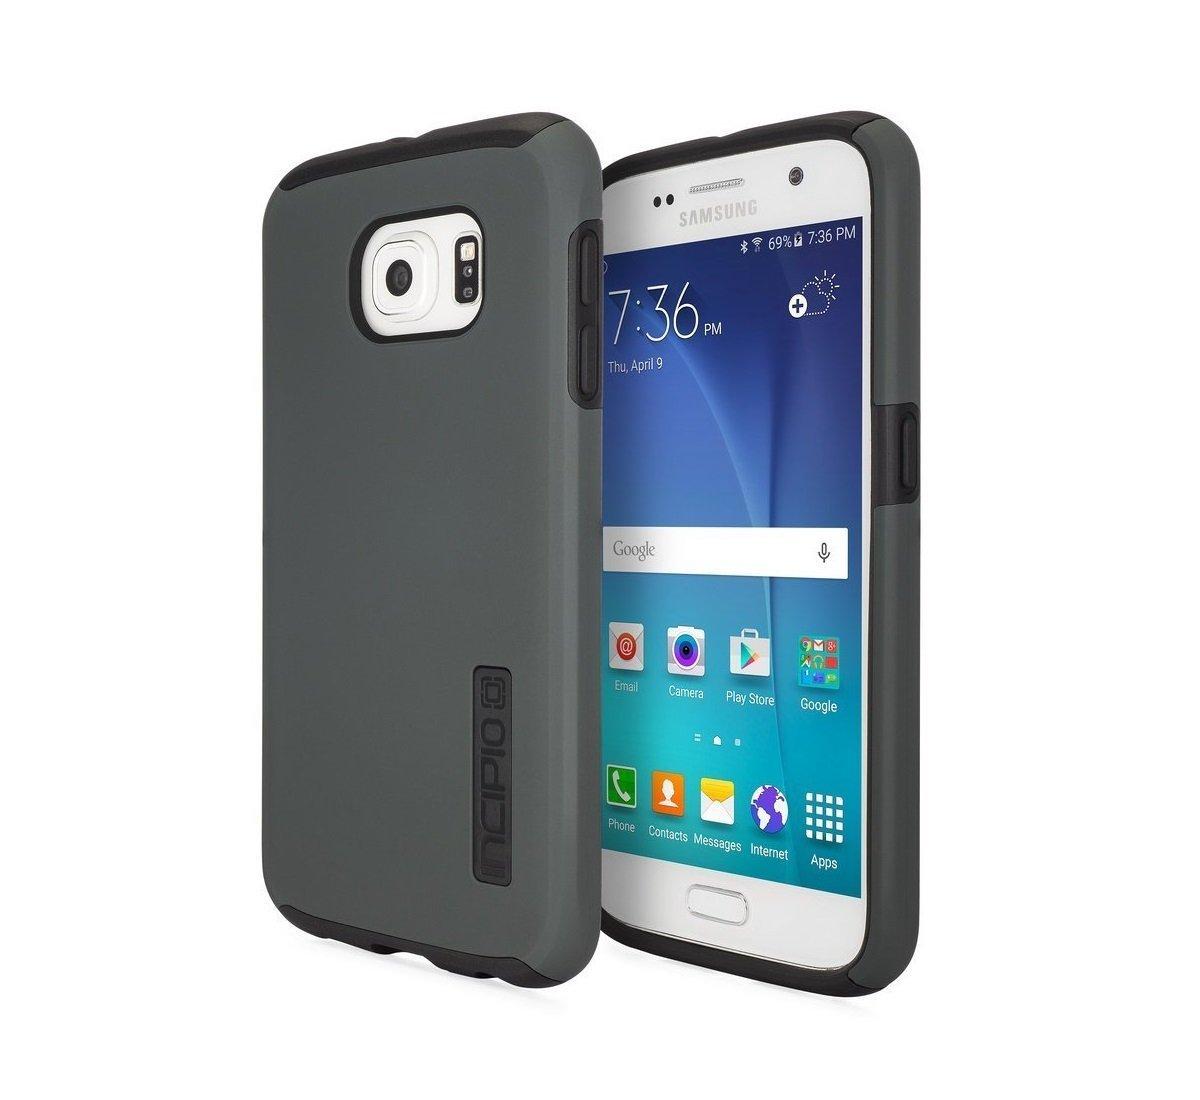 new concept e48dc 0cc1b Samsung Galaxy S6 Case, Incipio [Shock Absorbing] DualPro Case for Samsung  Galaxy S6-Black/Black